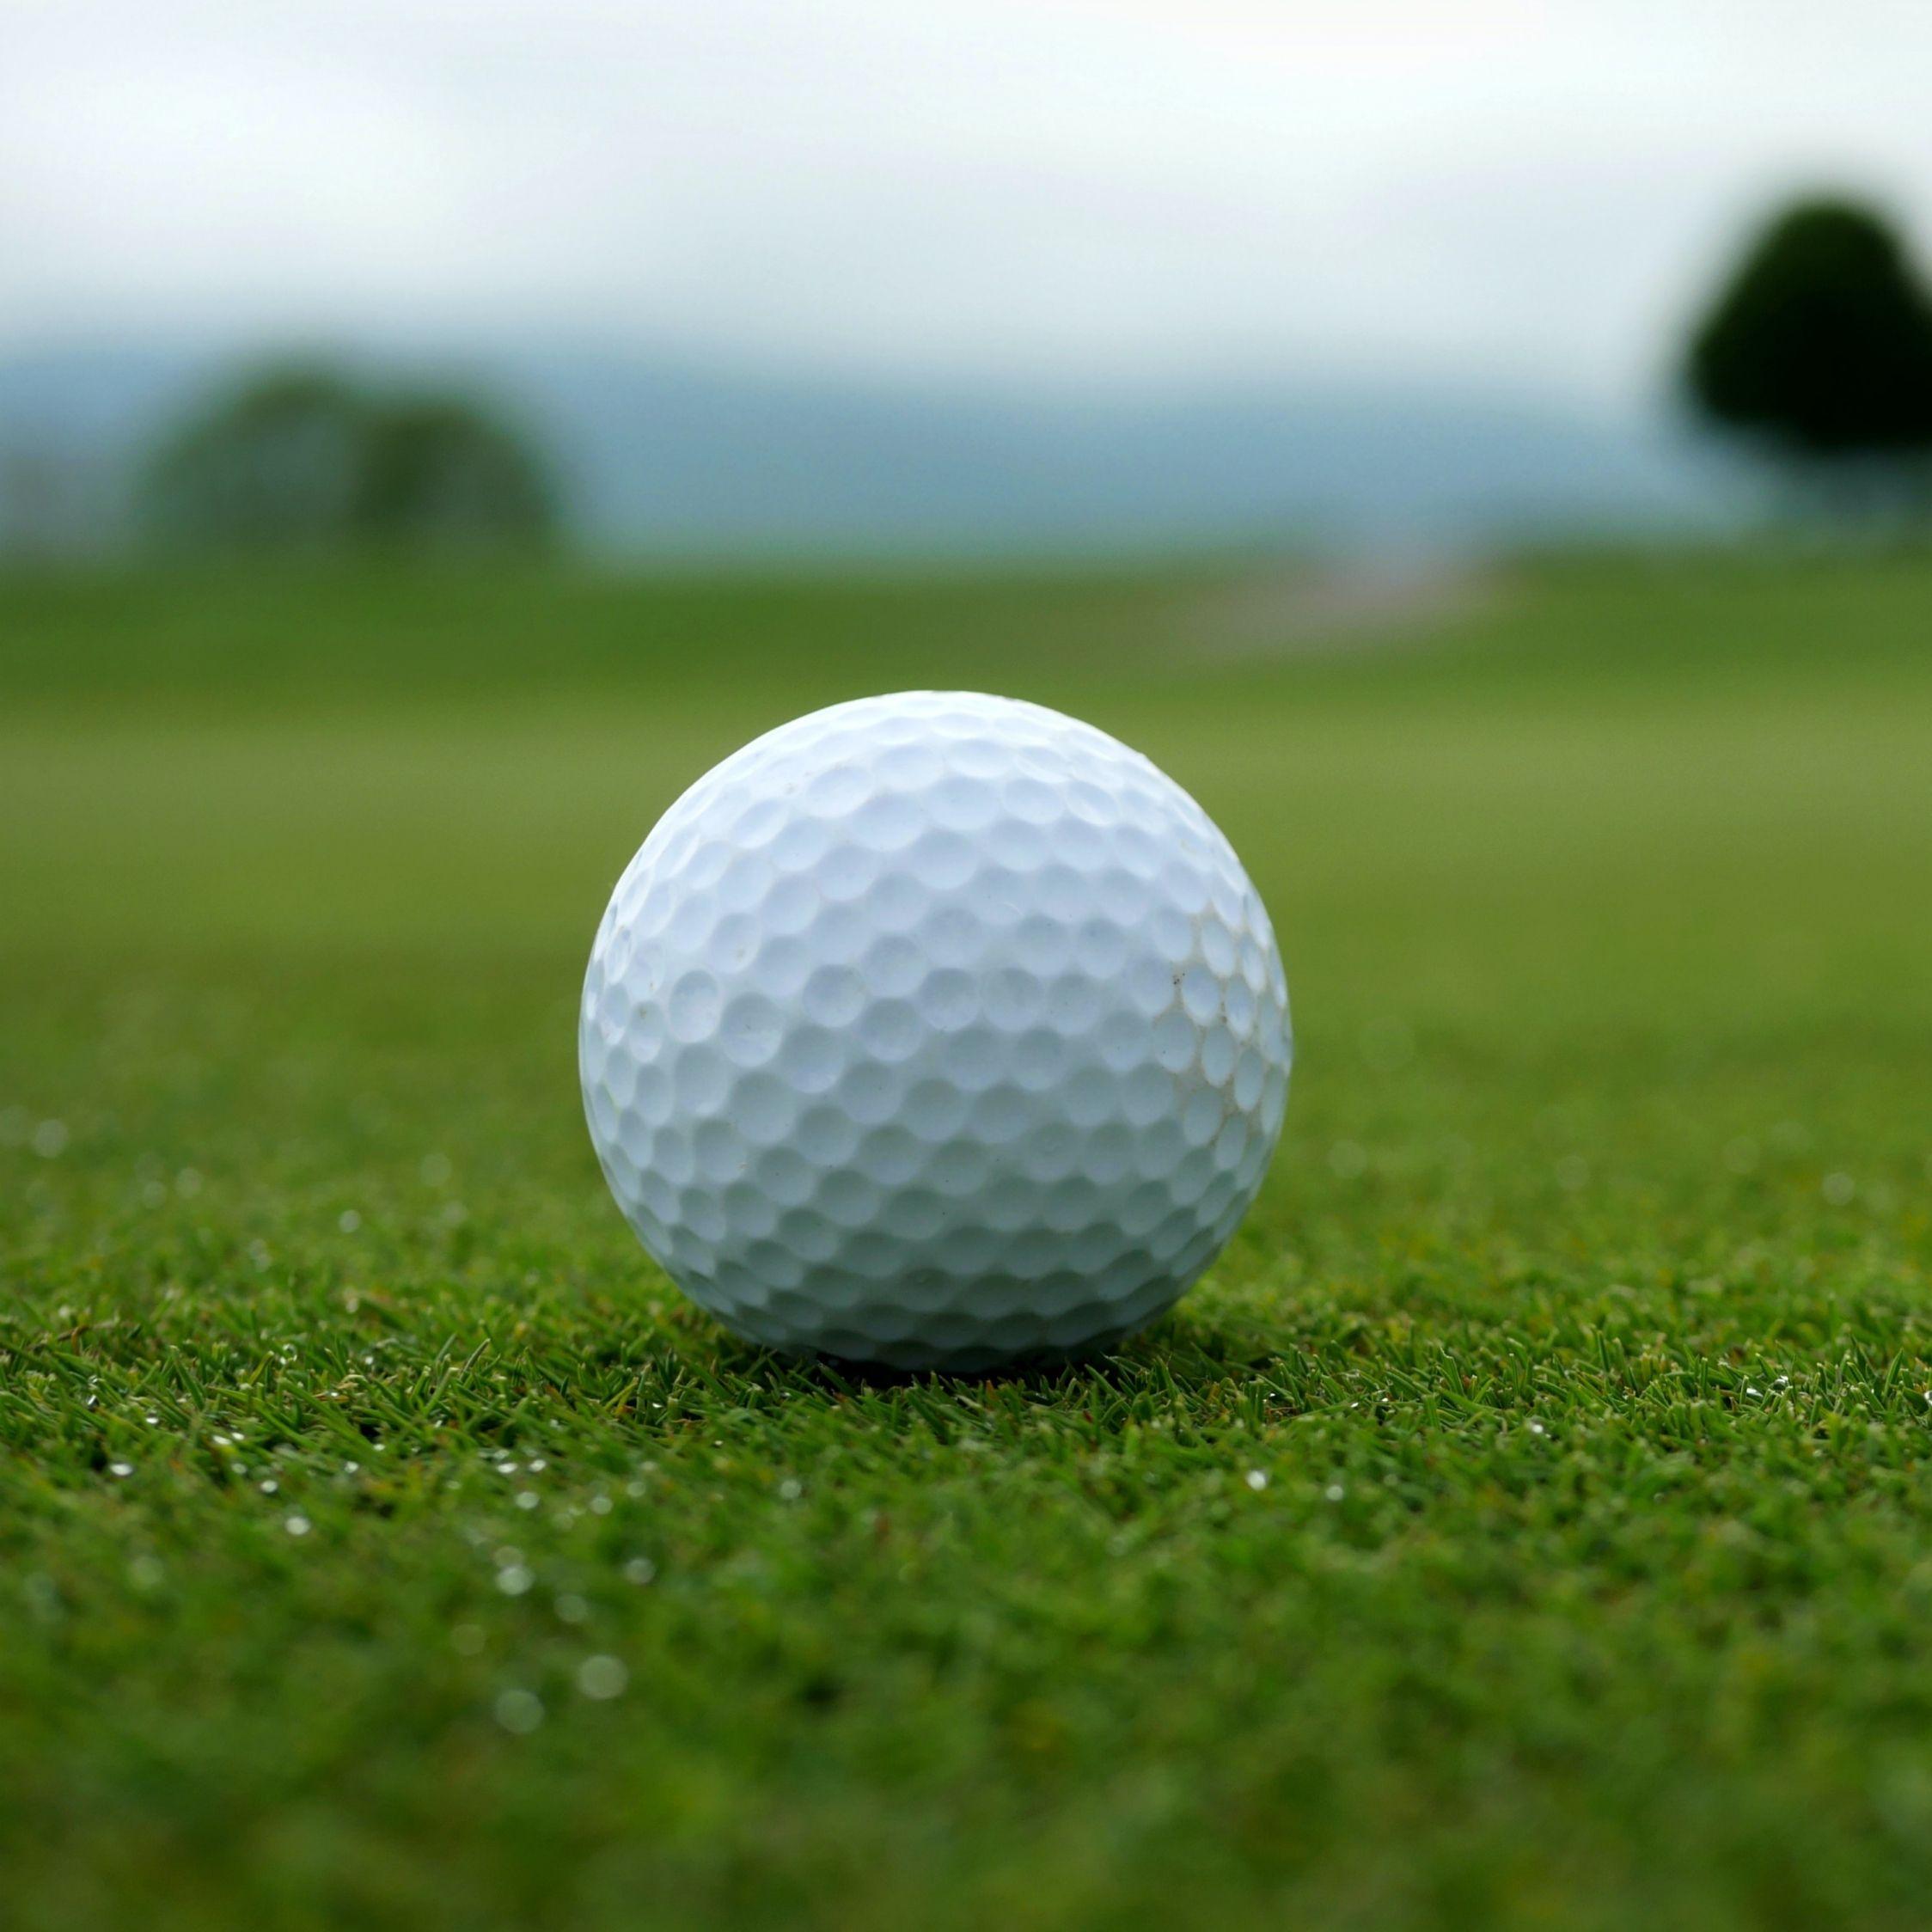 2248x2248 Golf Ball White Sports Wallpaper Golf Ball Sports Wallpapers Golf